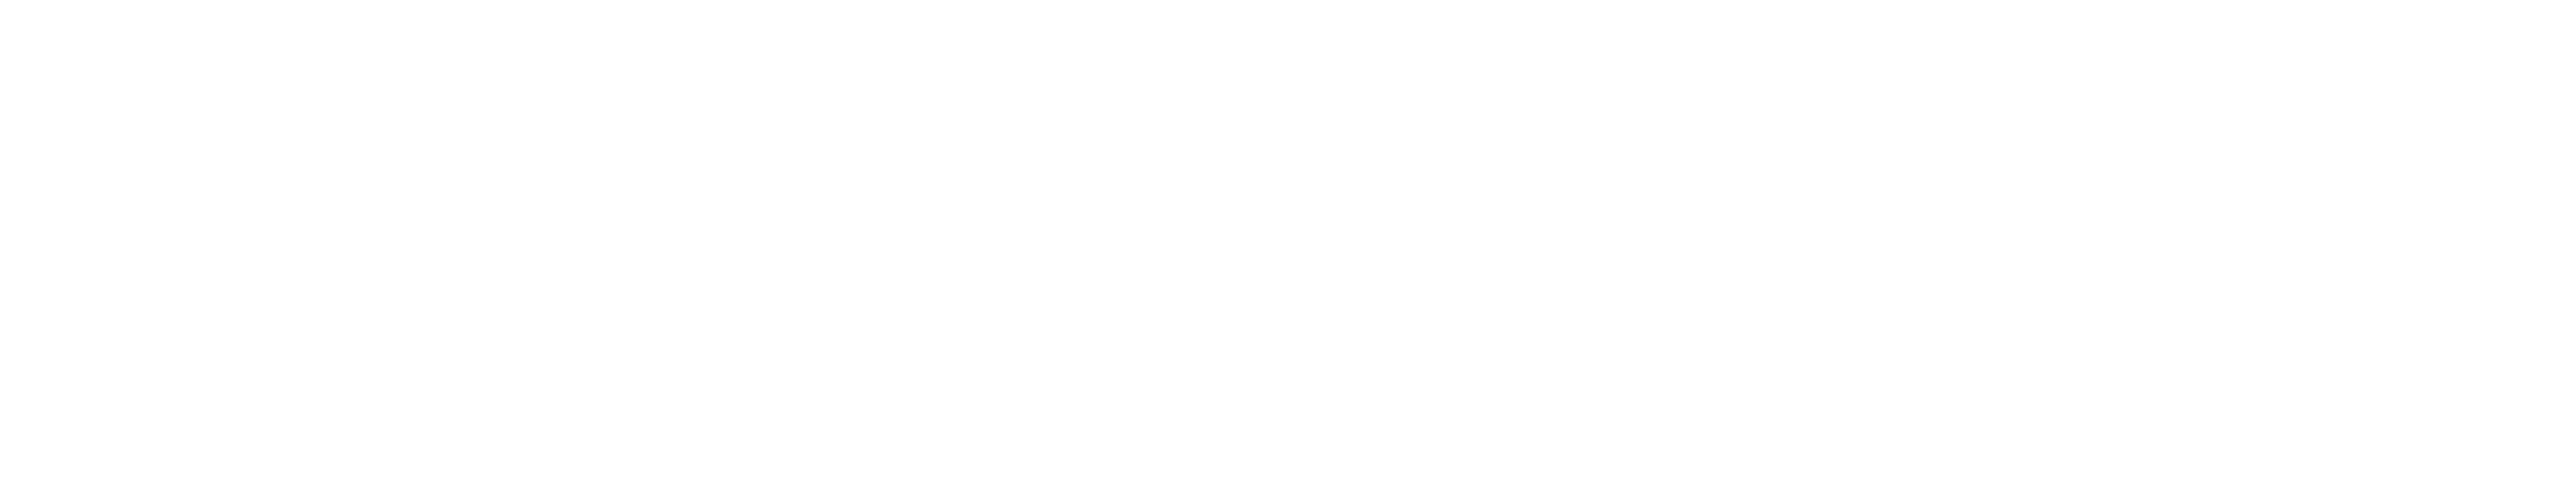 Мир народов